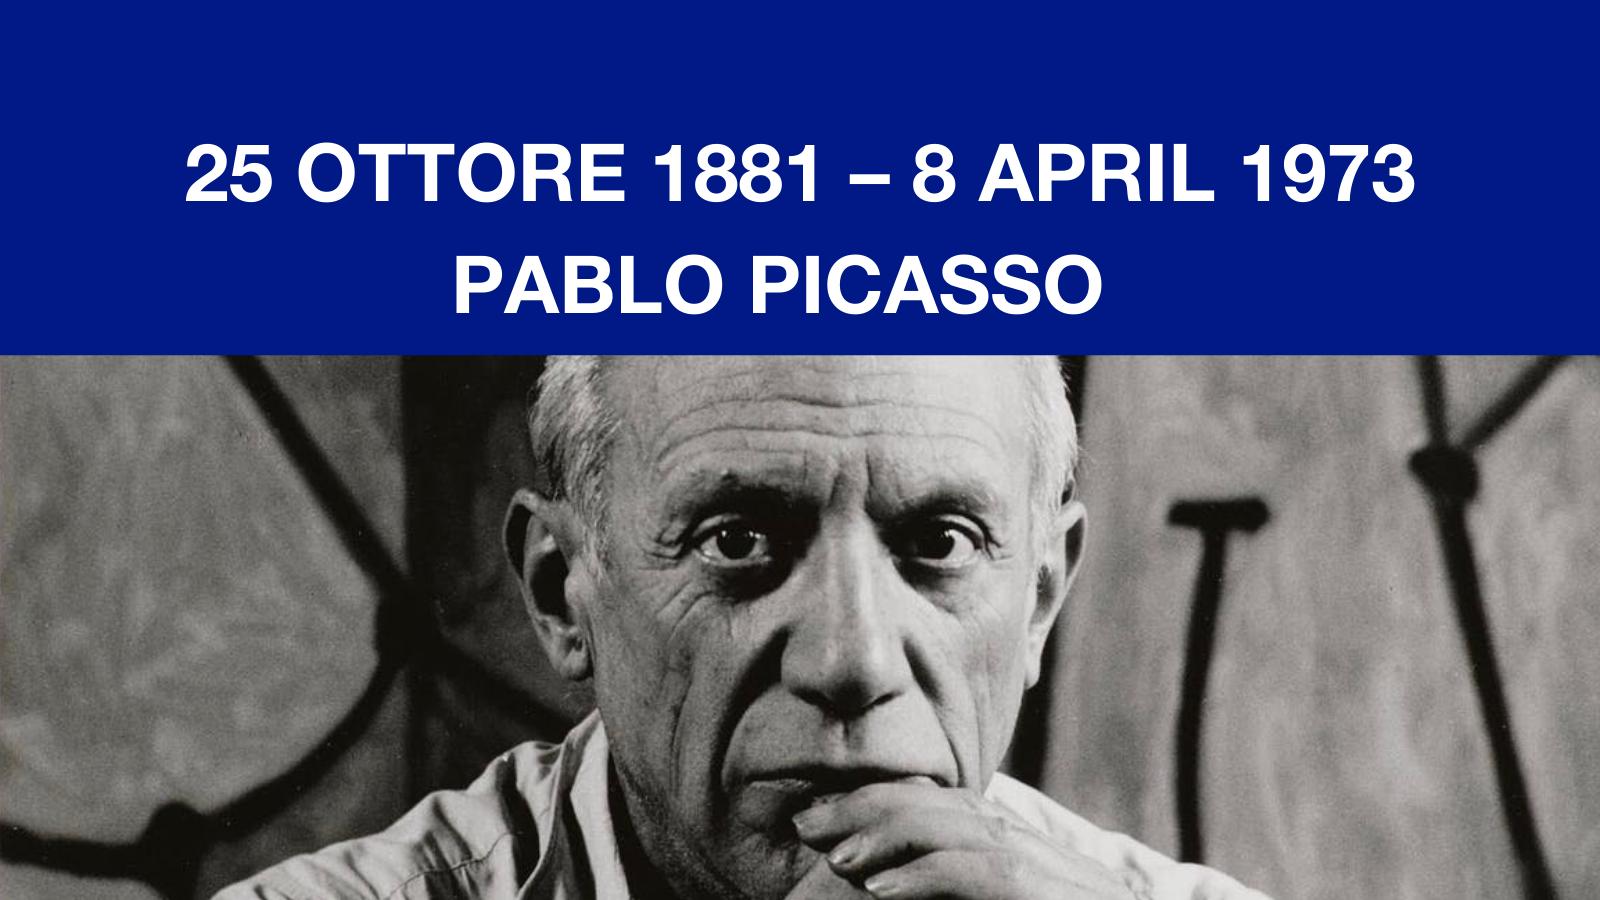 25 Ottobre 1881 – 8 Aprile 1973 <br> Storia di Pablo Picasso